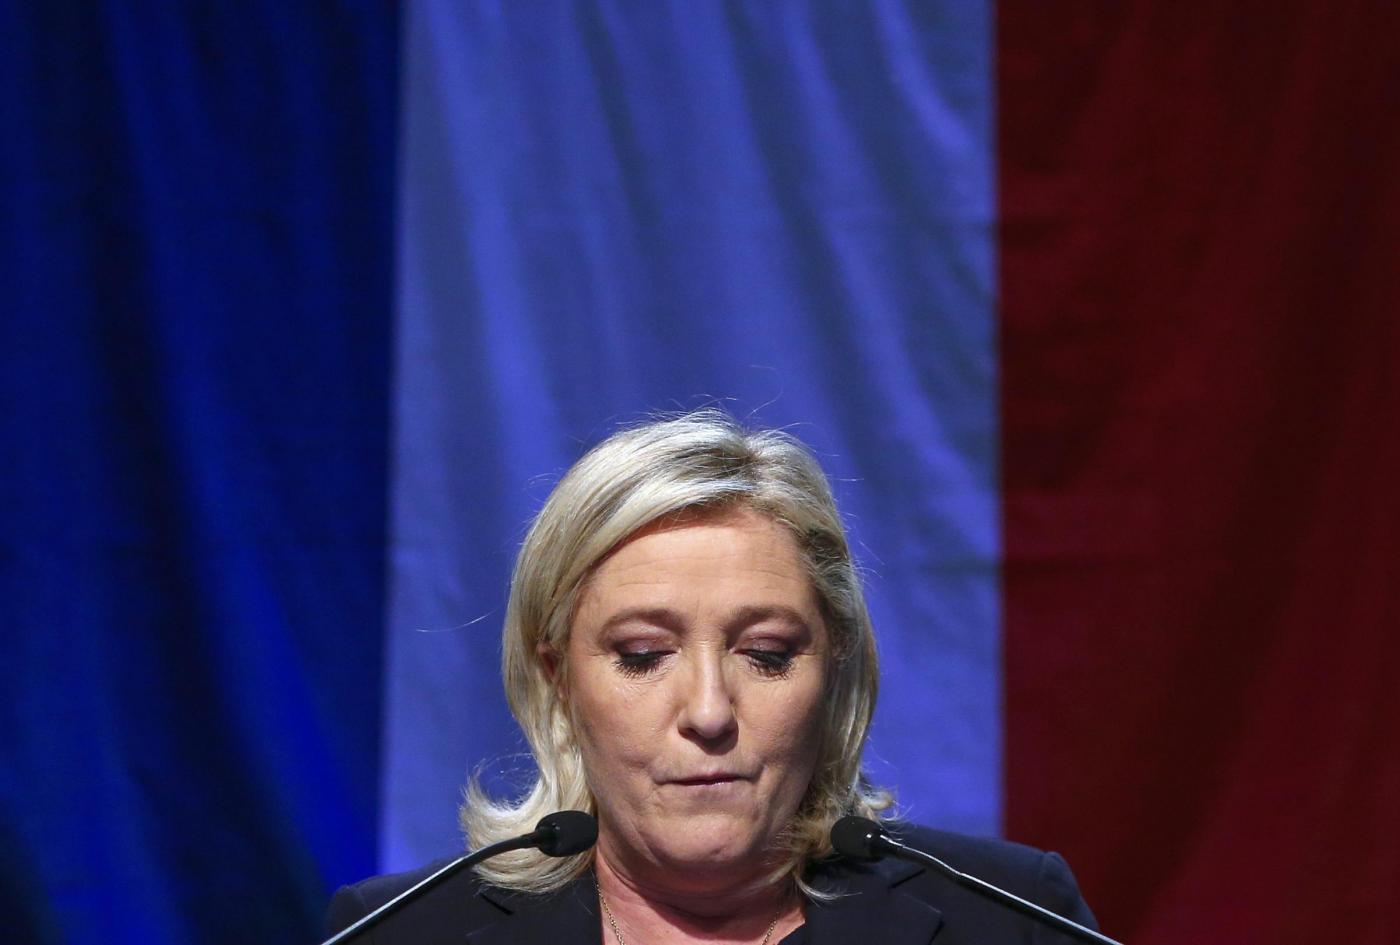 Elezioni regionali in Francia, tonfo del Front National: sconfitta Marine Le Pen